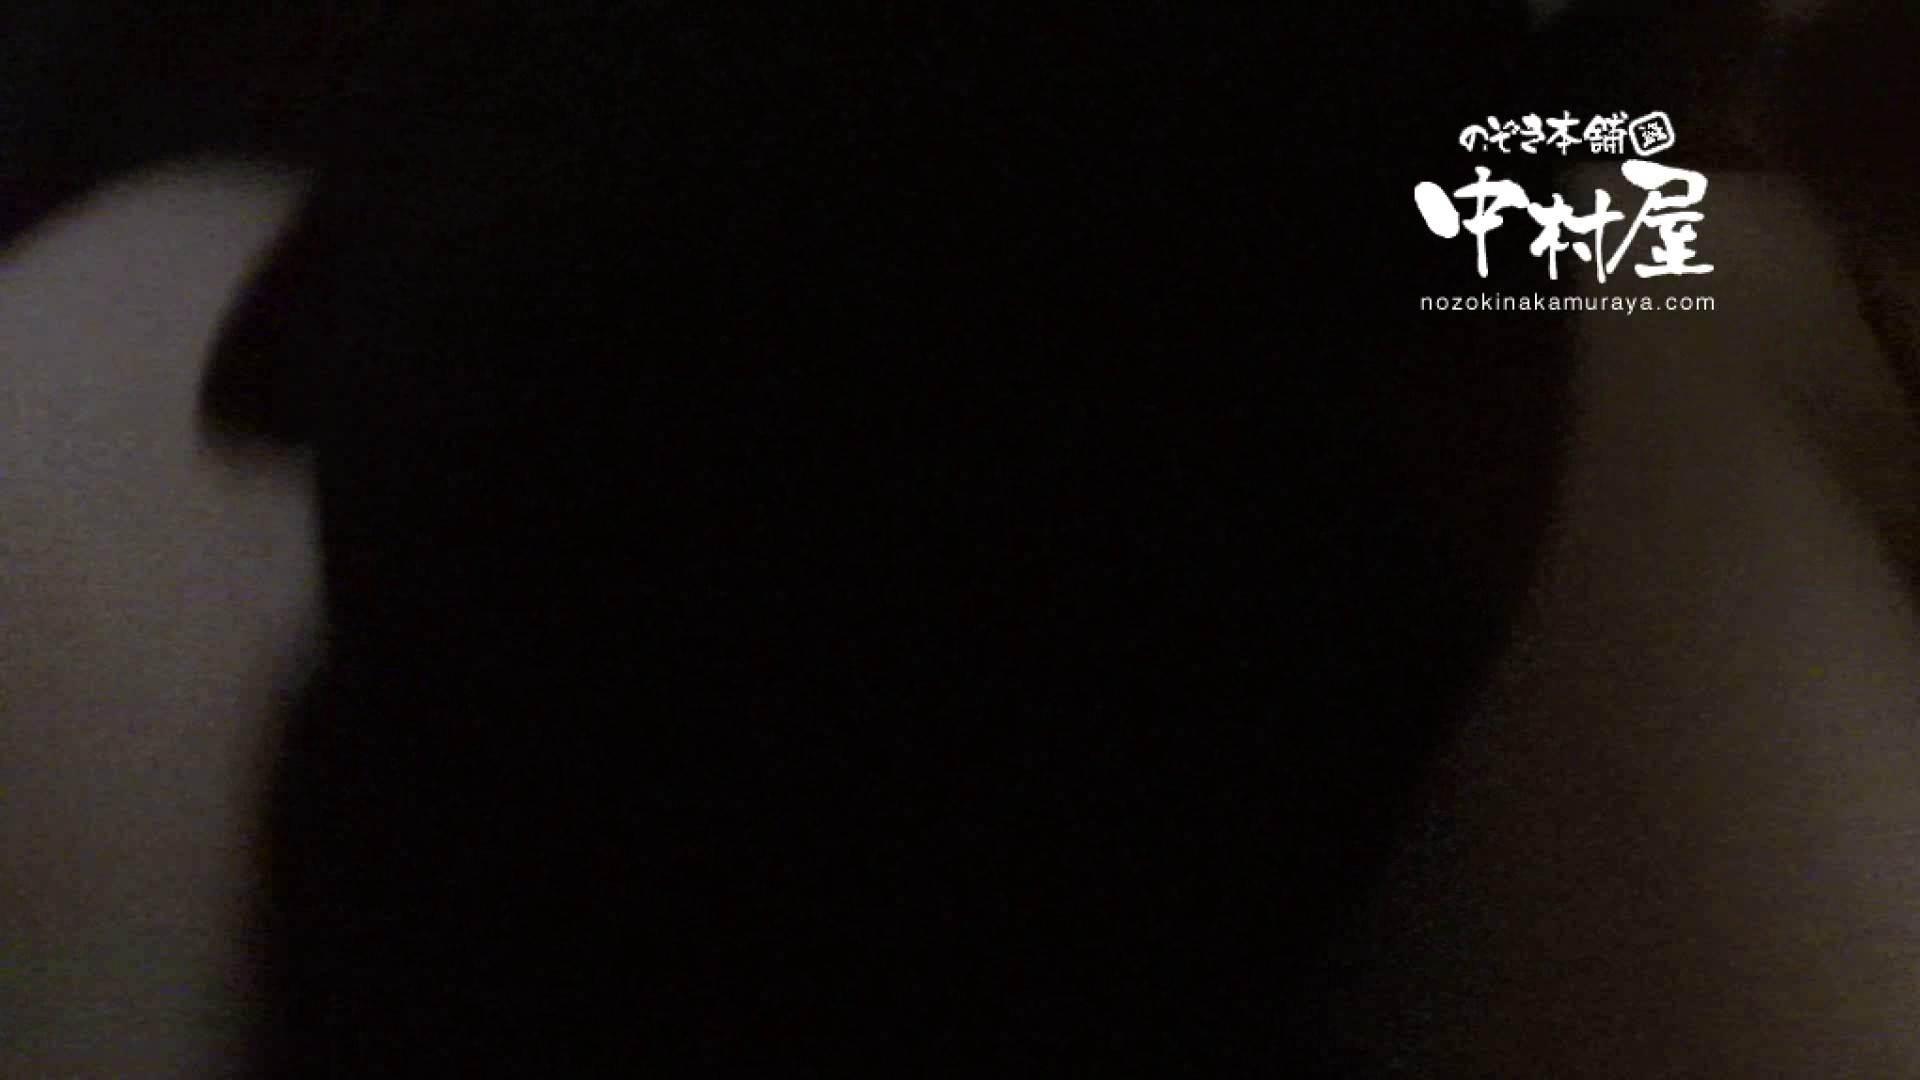 鬼畜 vol.14 小生意気なおなごにはペナルティー 後編 鬼畜 ワレメ無修正動画無料 97連発 32